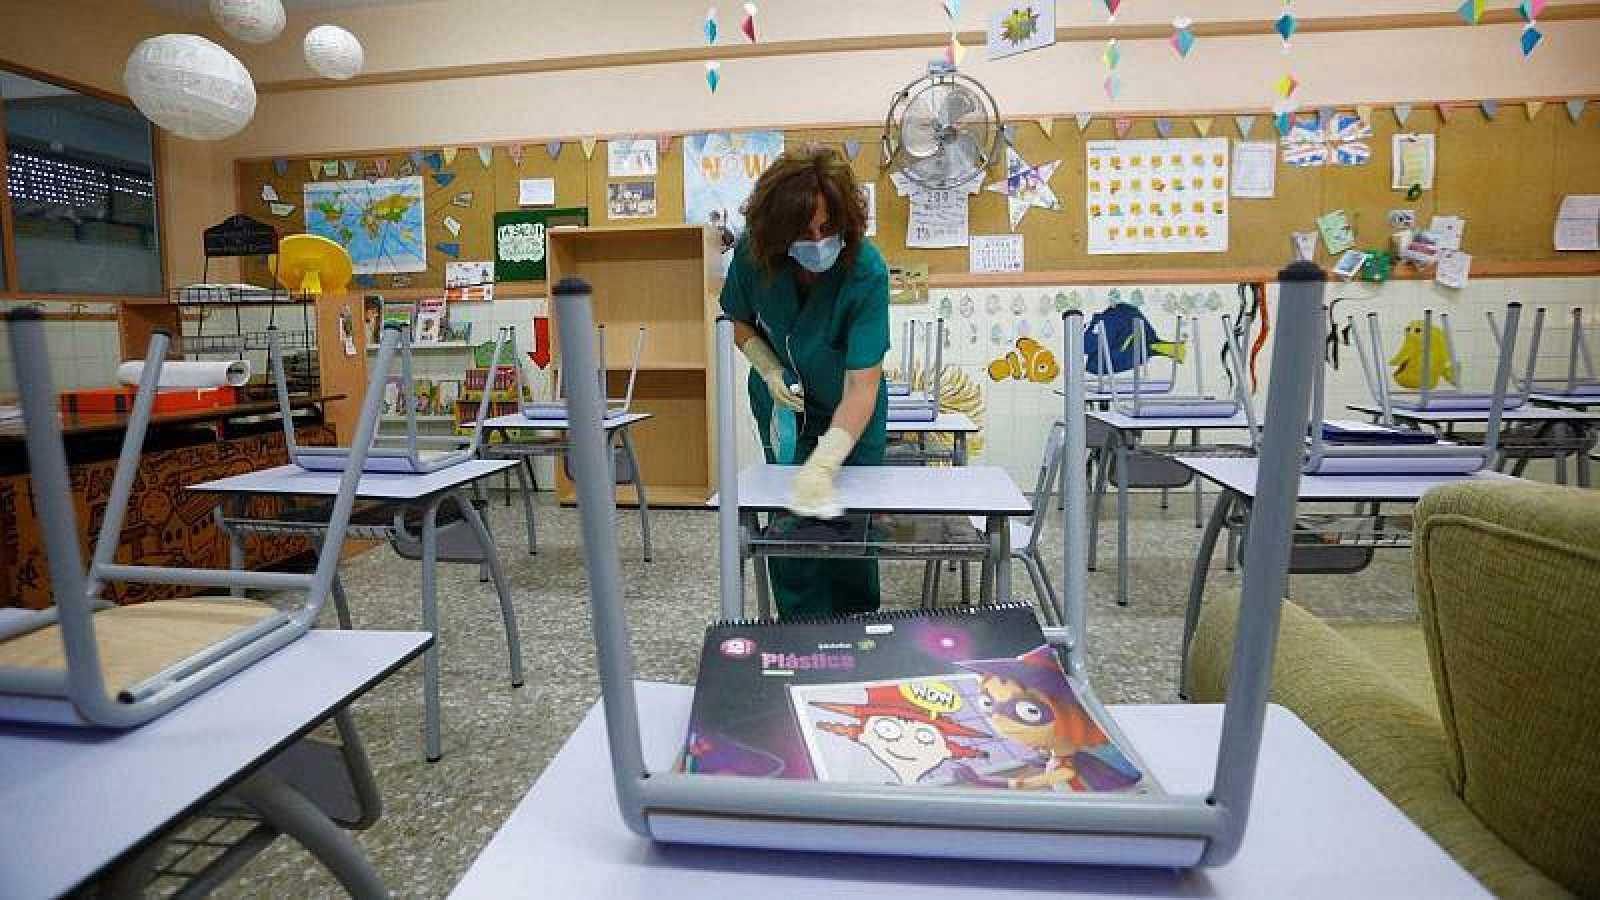 Los sindicatos de educación no ceden y mantienen la huelga de profesores en  Madrid - Republica.com